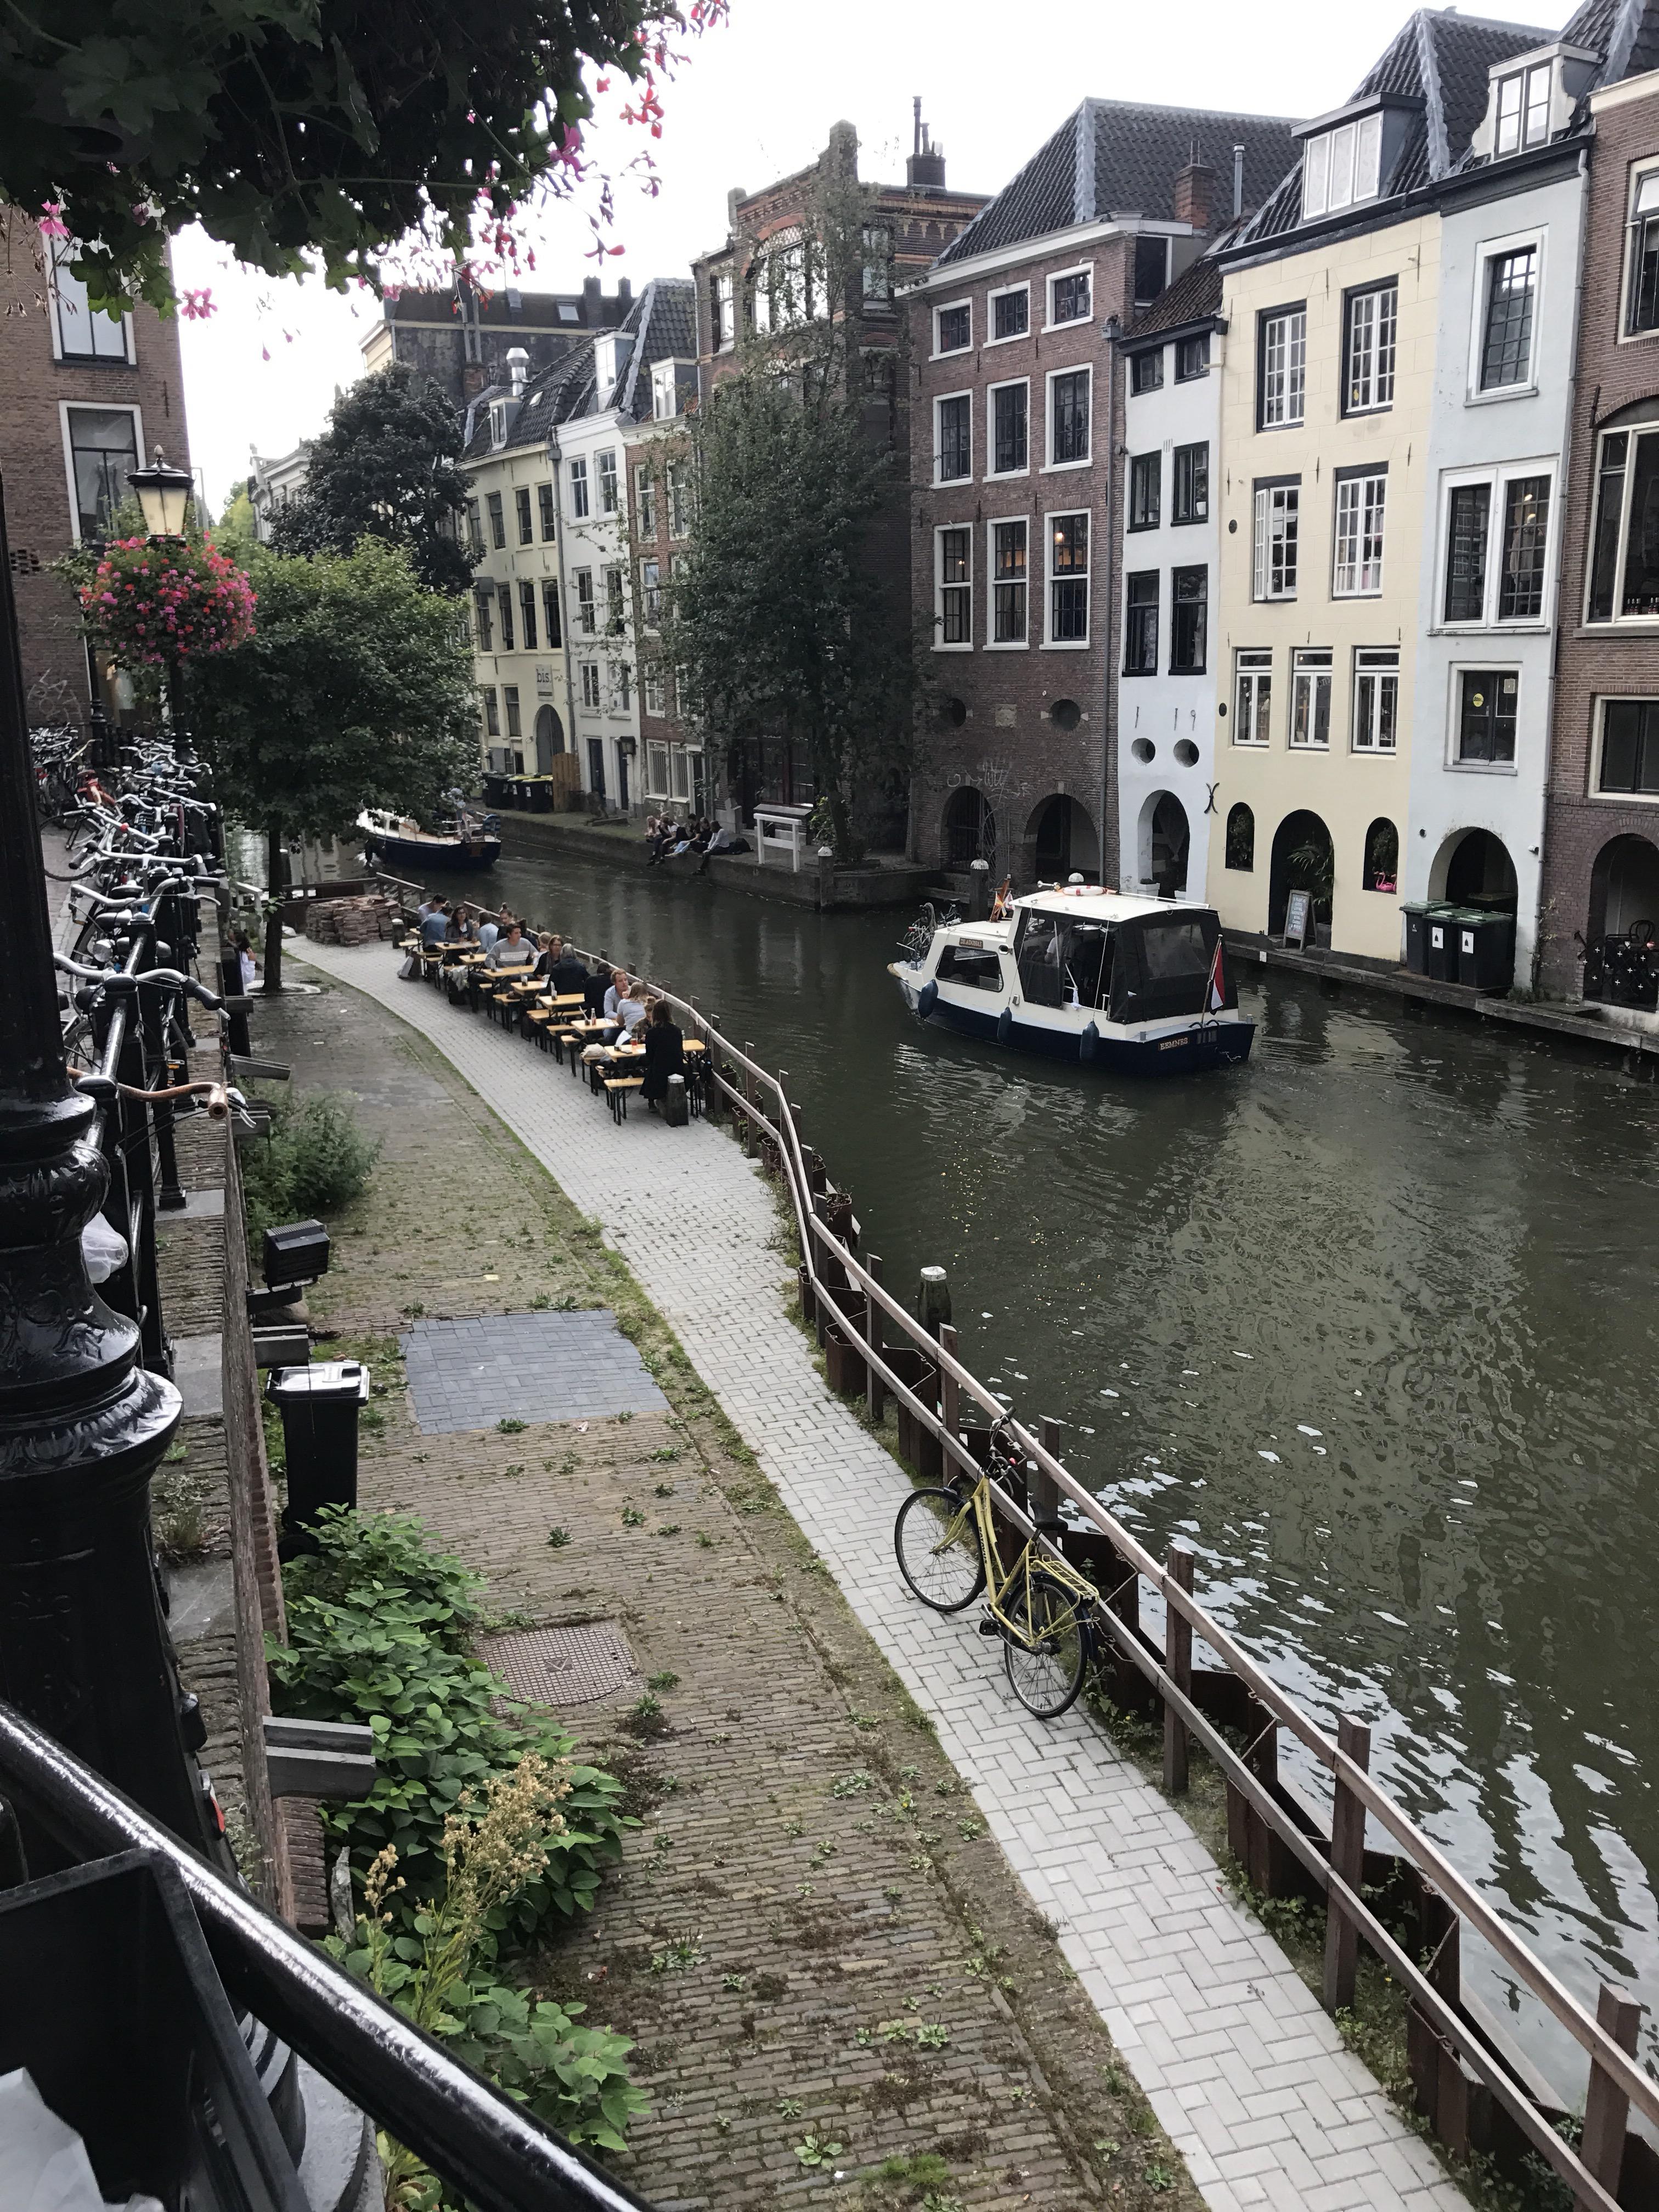 Bares canal Oudegracht Utrecht